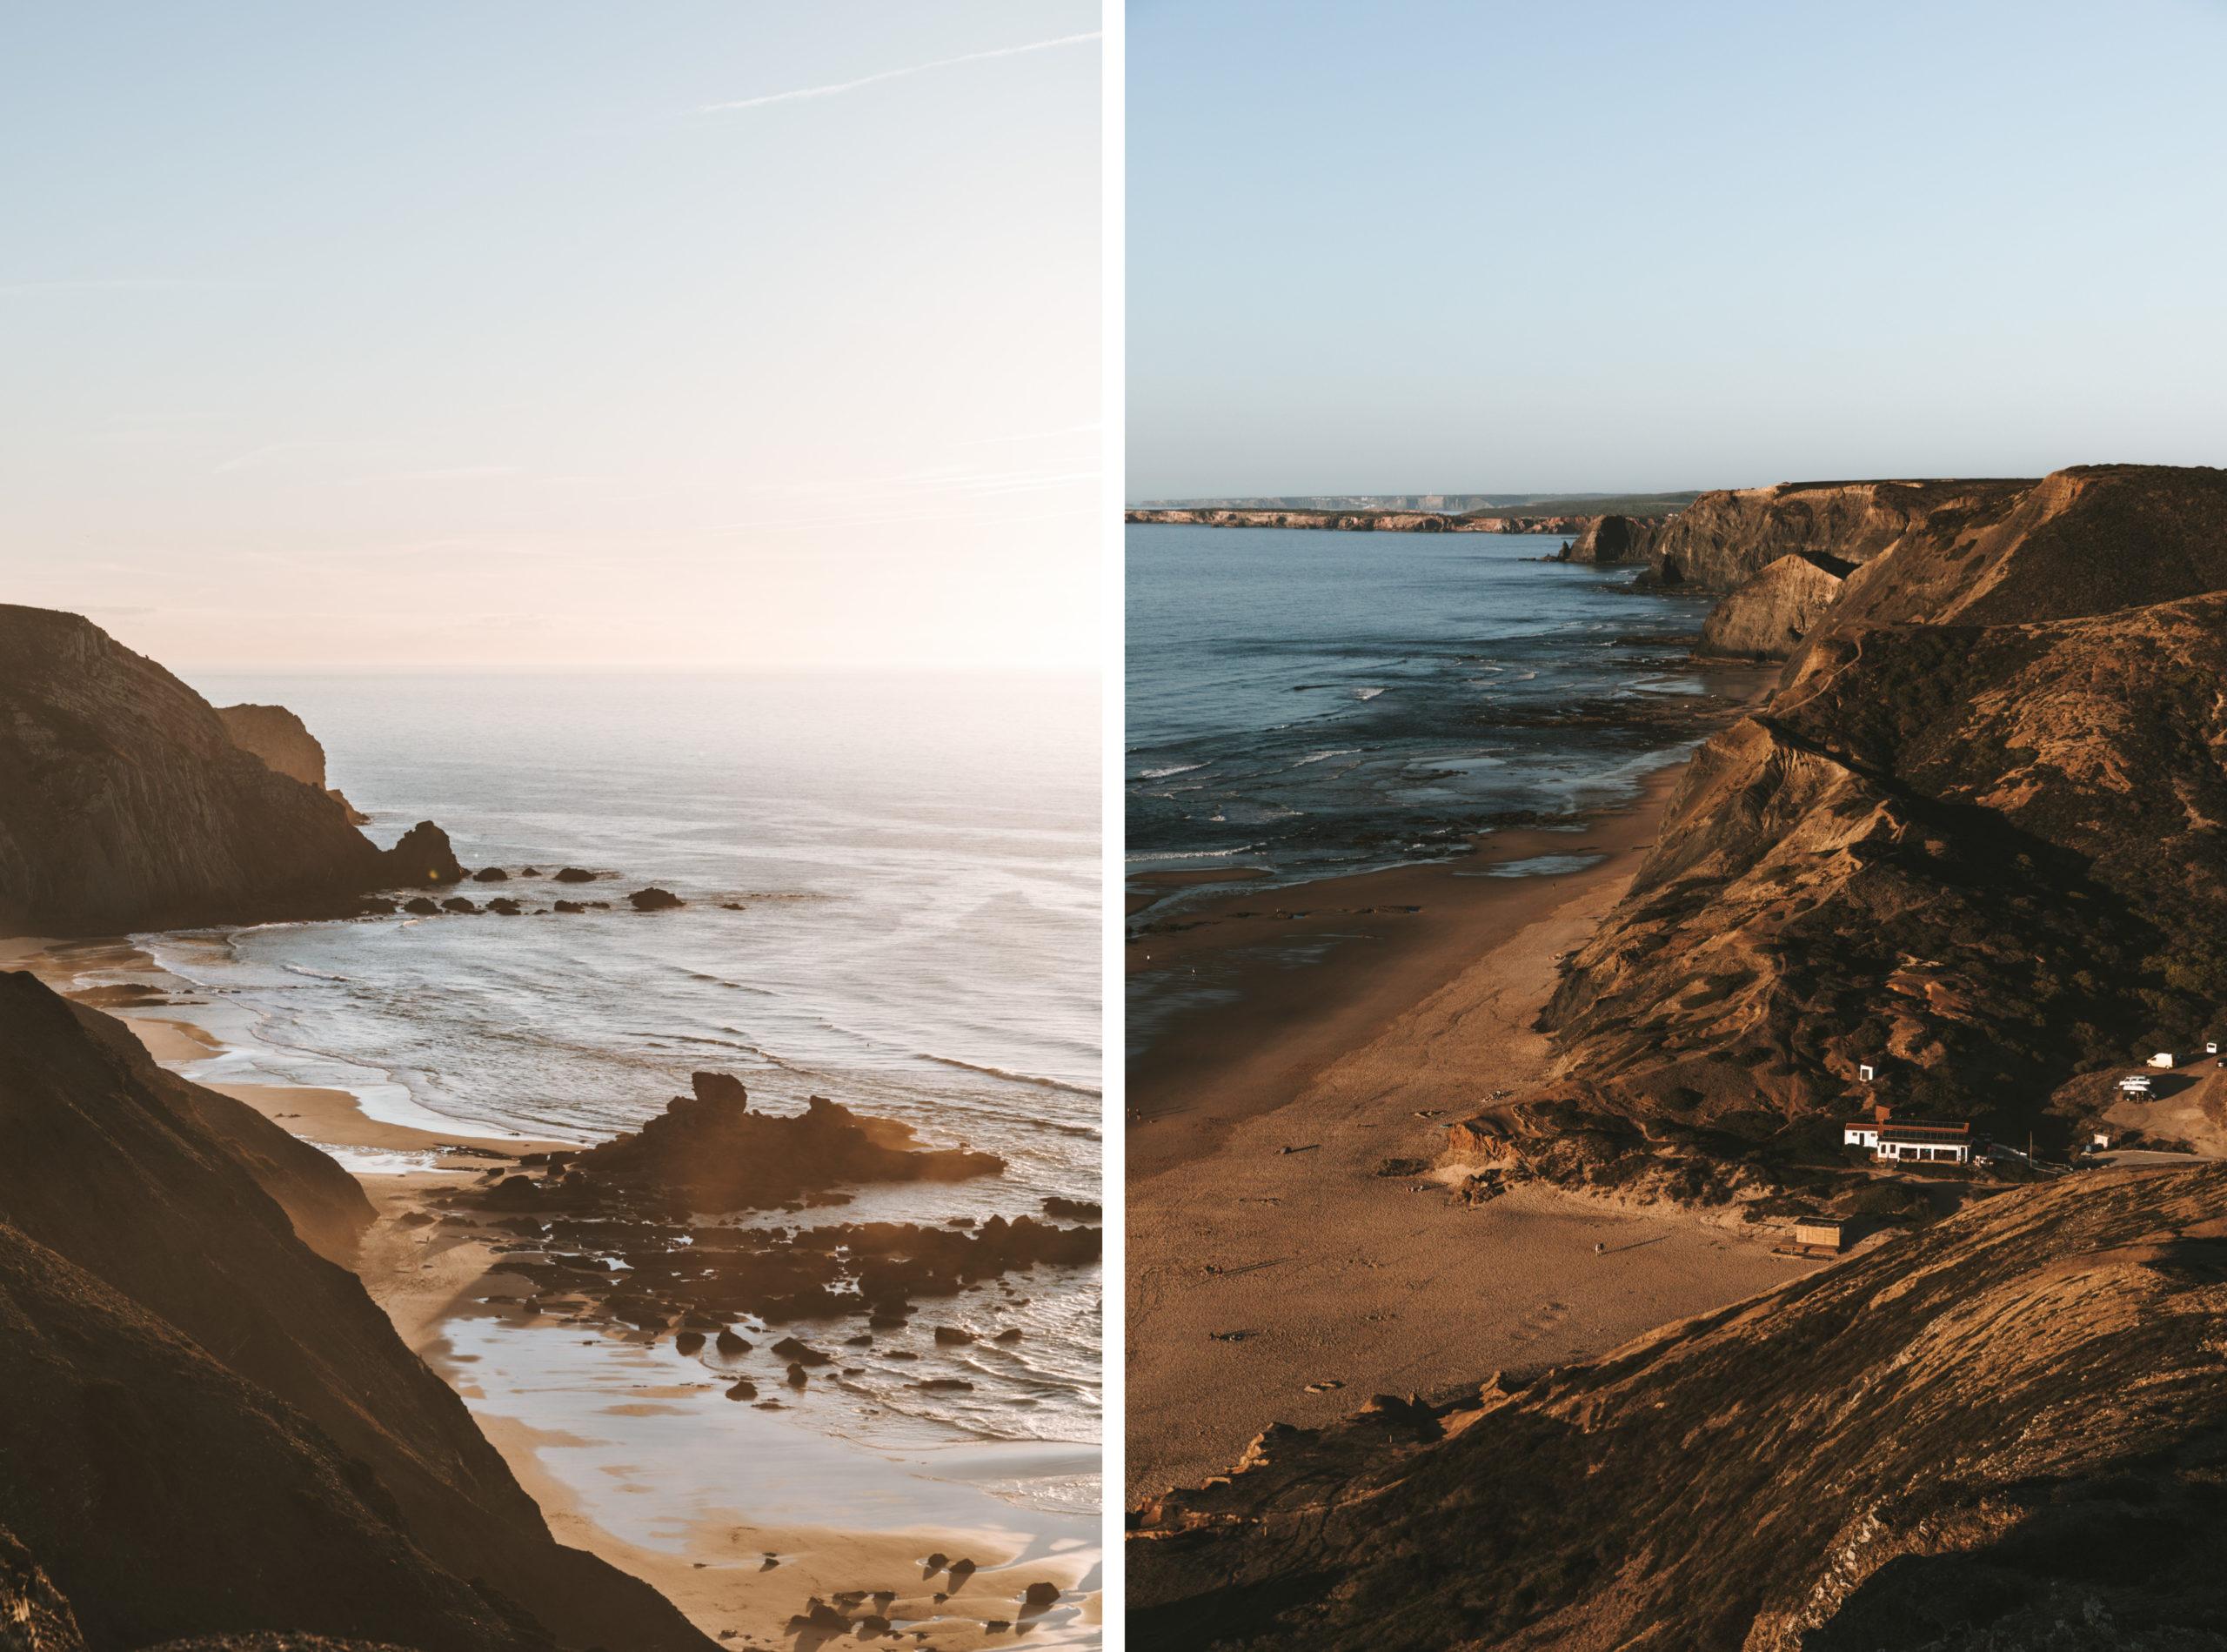 Praia do Castelejo und Praia do Cordoama Strände an Westküste von Portugal Surfstrände Surfen